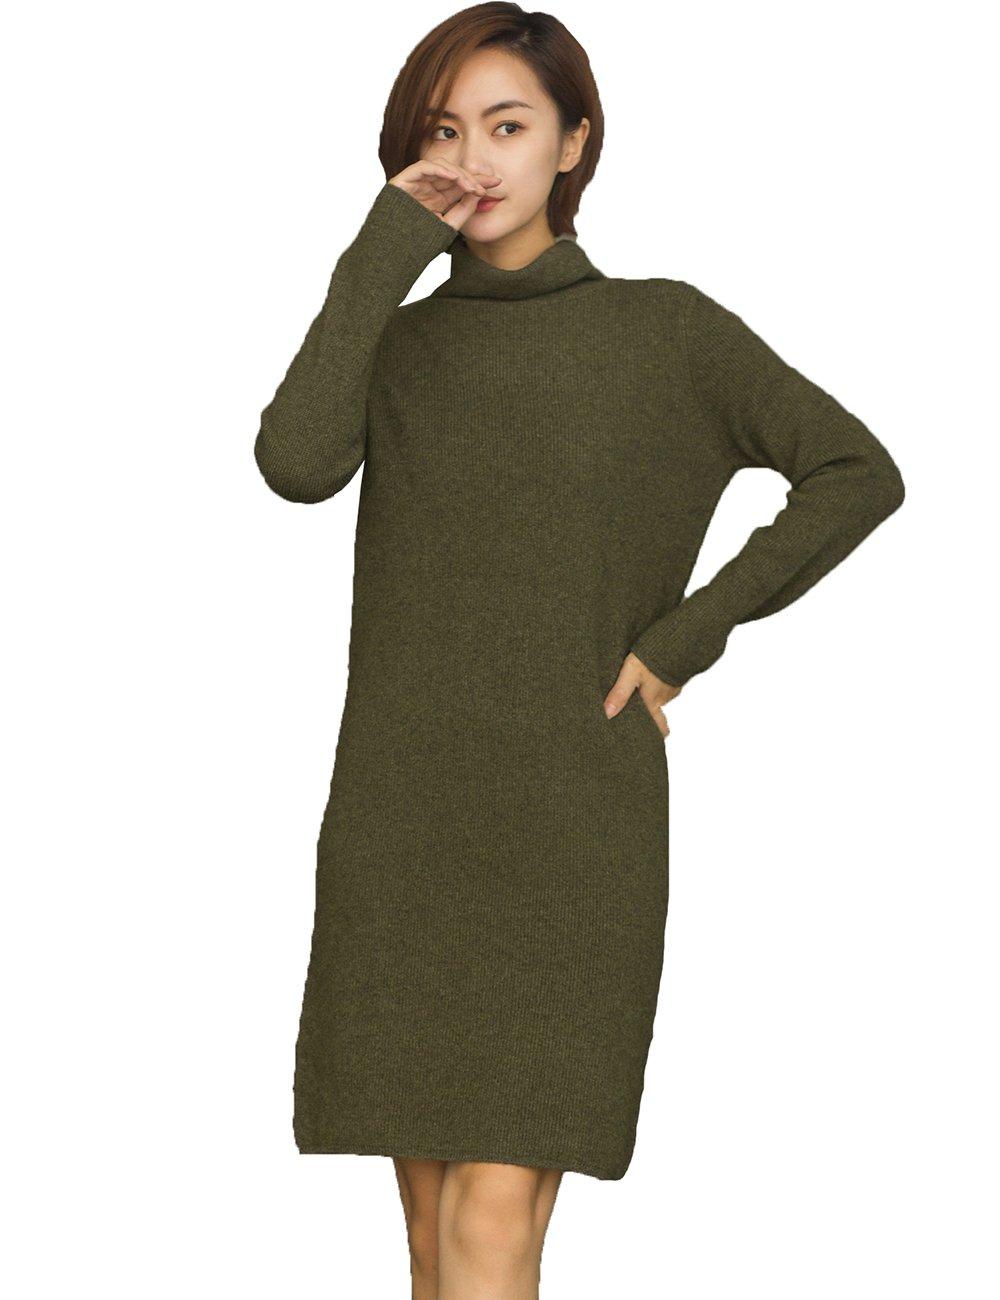 (茜欧莉) solely レディース 長袖 カシミア生地 ニットタートルネック ワンピース 18J9936 (緑 灰色 ベージュ) B074W8CKH6 XL|グリーン グリーン XL